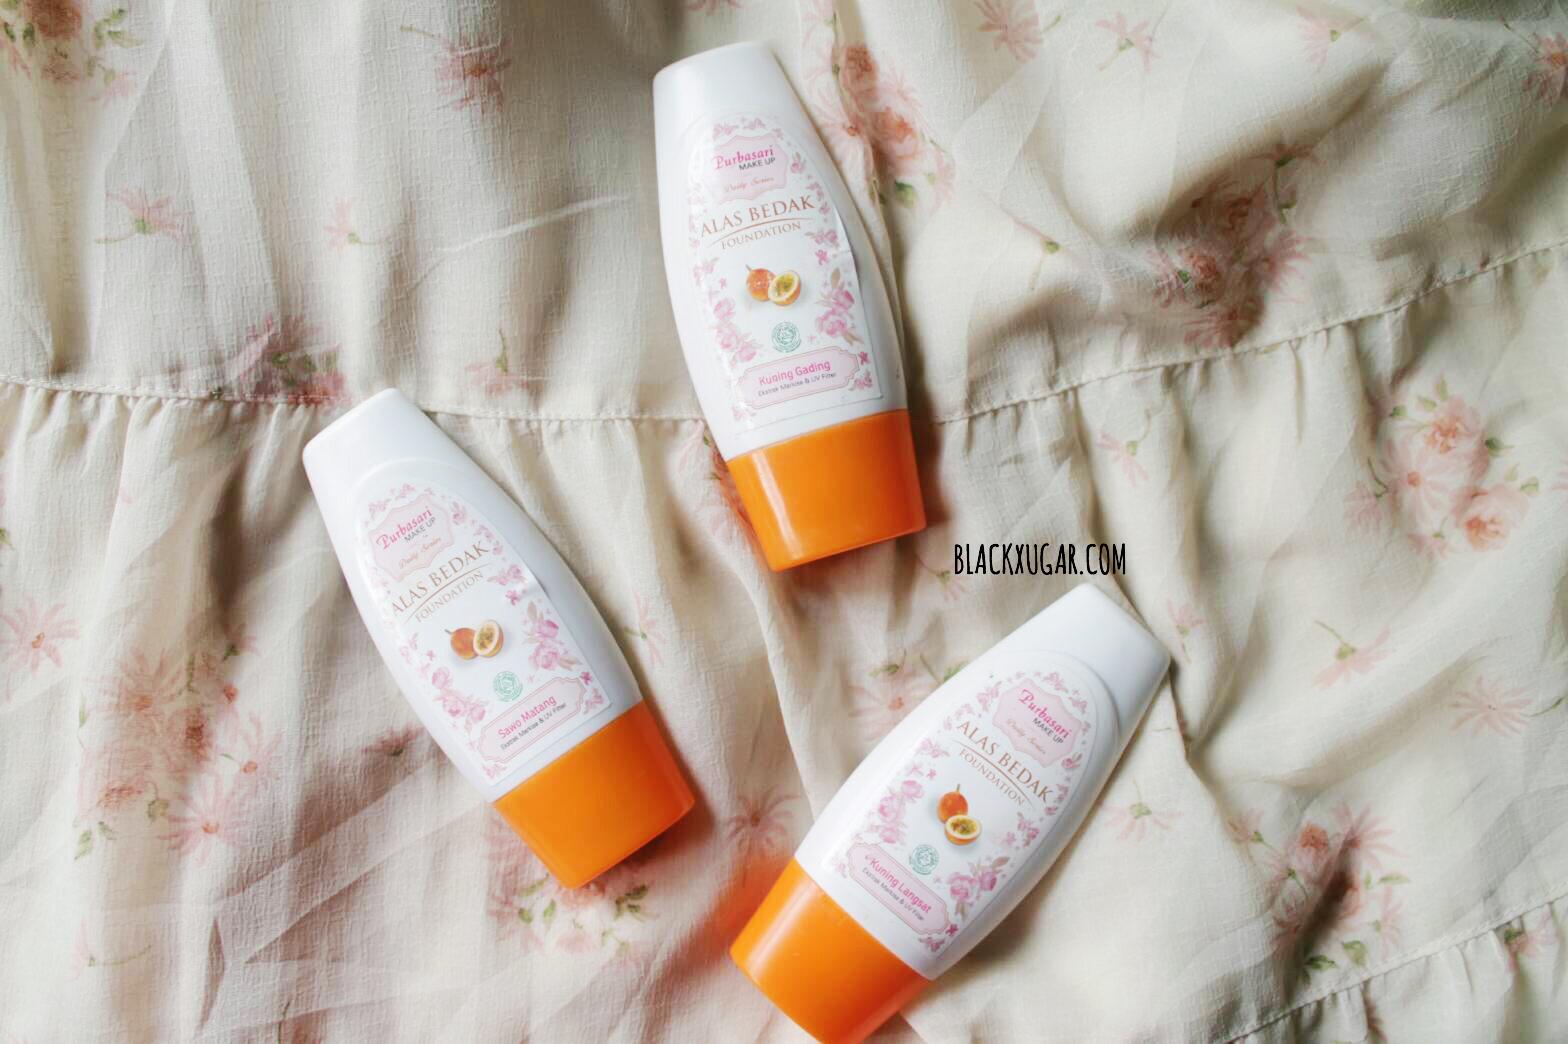 Purbasari Daily Series Natural Make Up Set Daftar Harga Terbaru Foundation Tac Dan Semenjak Lipstick Booming Mulai Mempromosikan Makeup Mereka Yang Lain